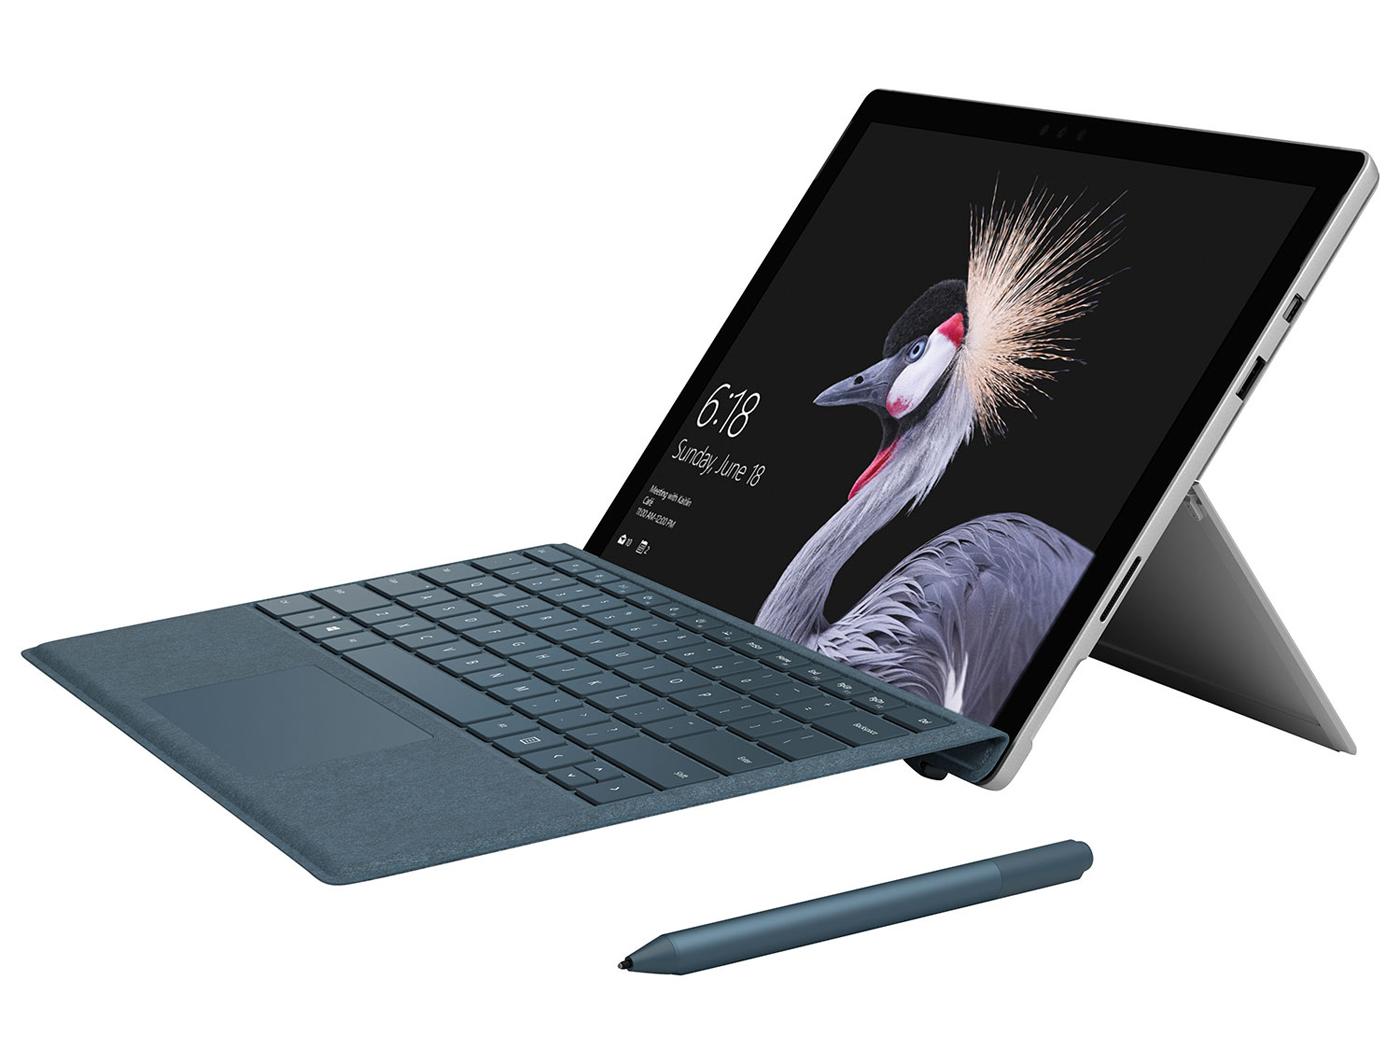 🔥 Cyber Monday : la Microsoft Surface Pro à 899,99 euros au lieu de 1449,99 euros sur Fnac.com